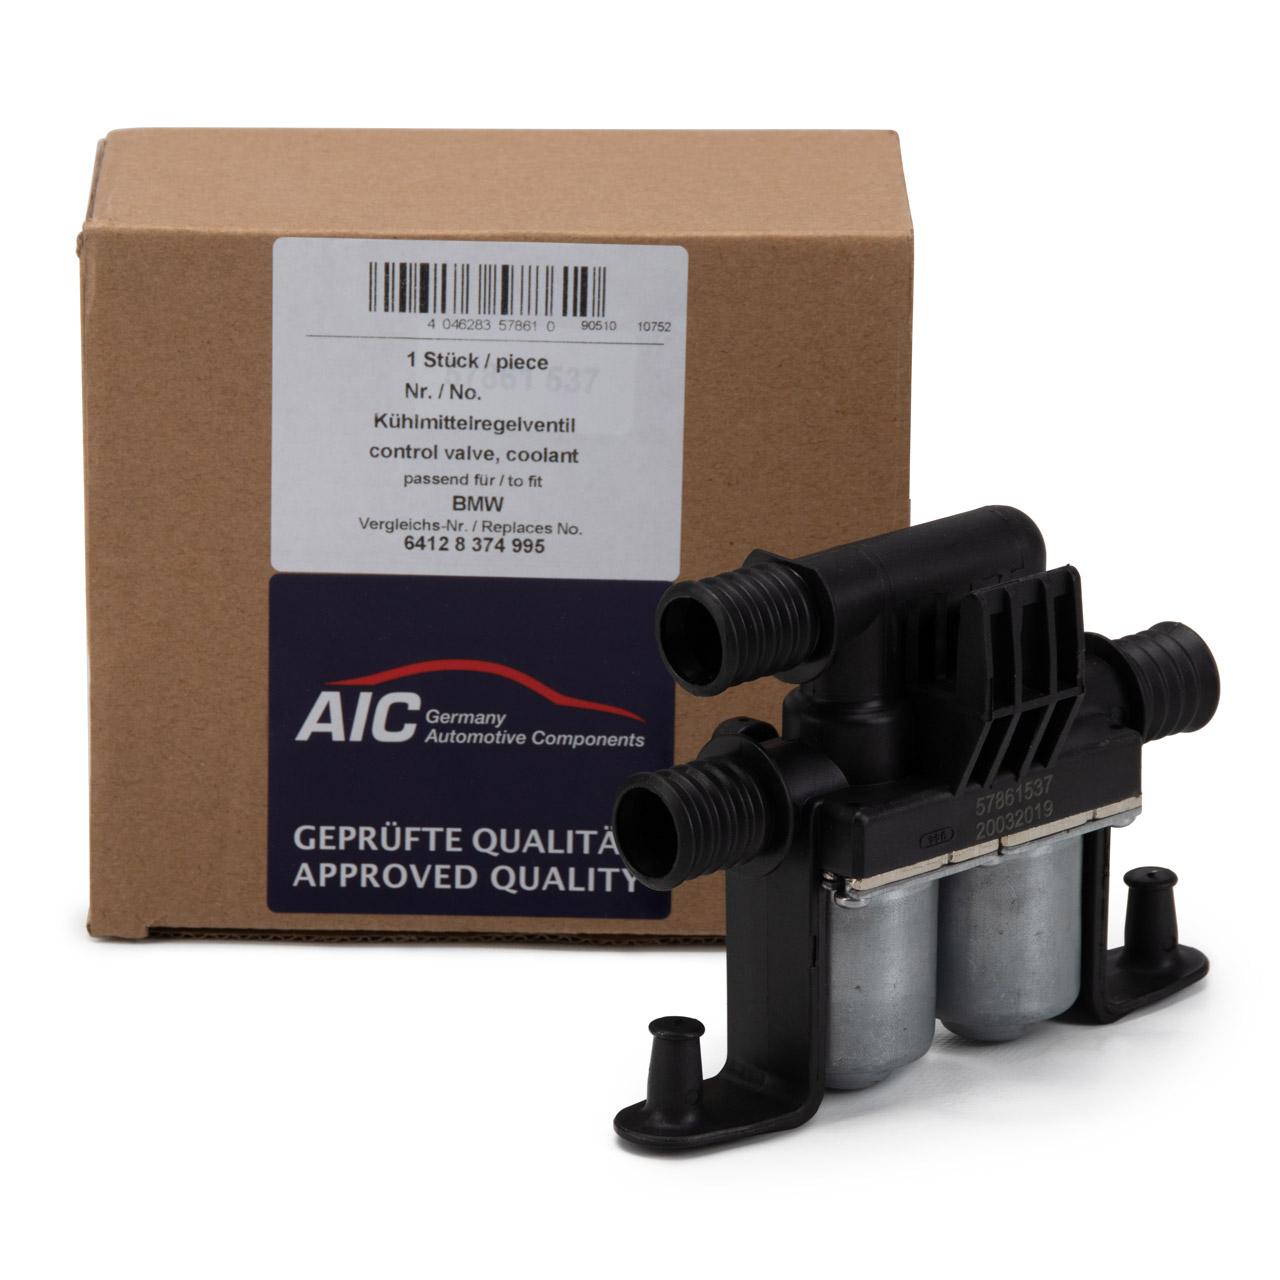 AIC 57861 Kühlmittelregelventil für BMW E39 E38 728i 730-740d X5 E53 64128374995